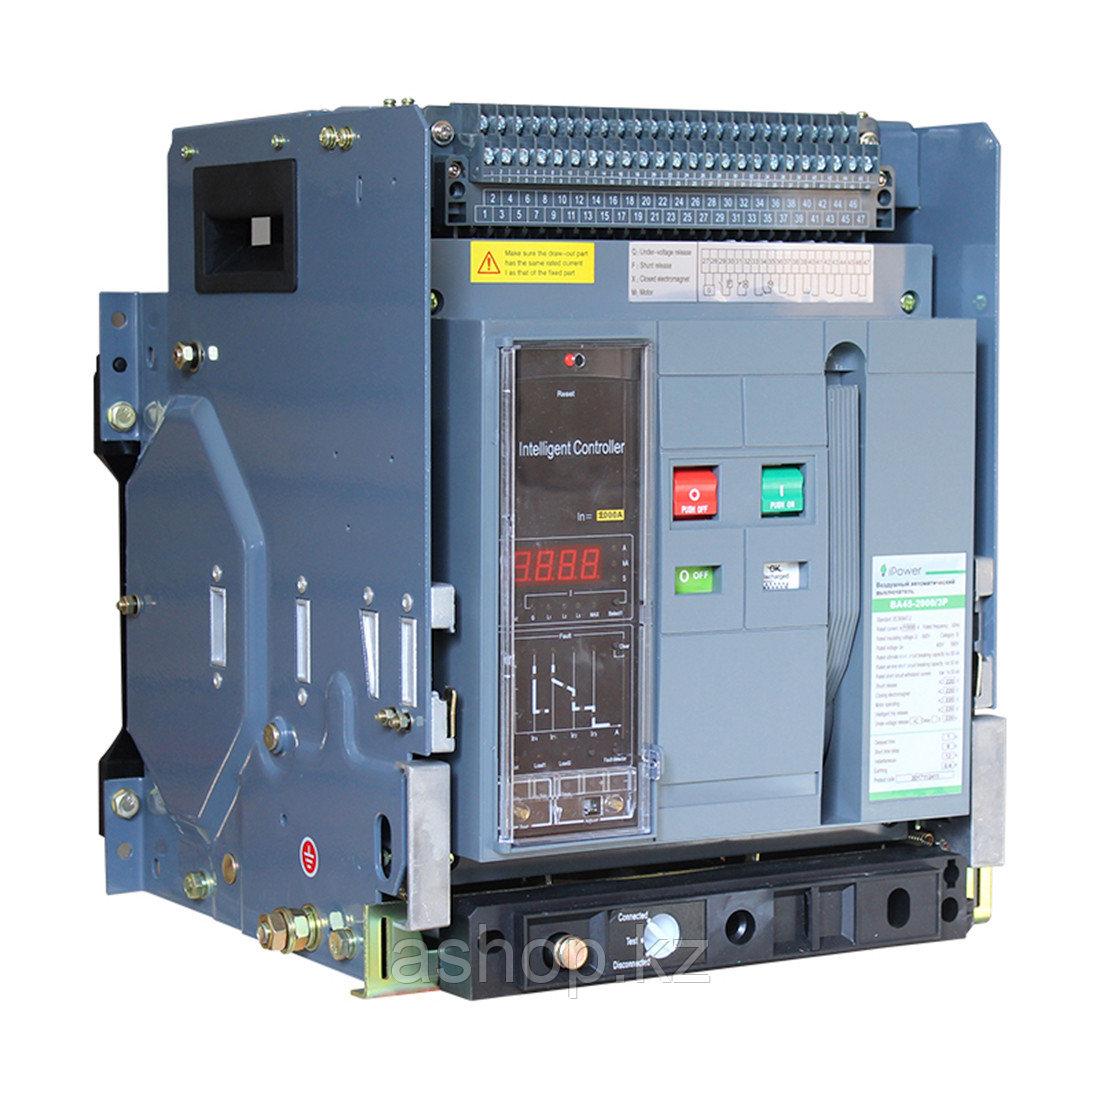 Автоматический выключатель выкатной iPower ВА45-3200 3P 3200А, 380/660 В, Кол-во полюсов: 3, хар. М, Защита: О